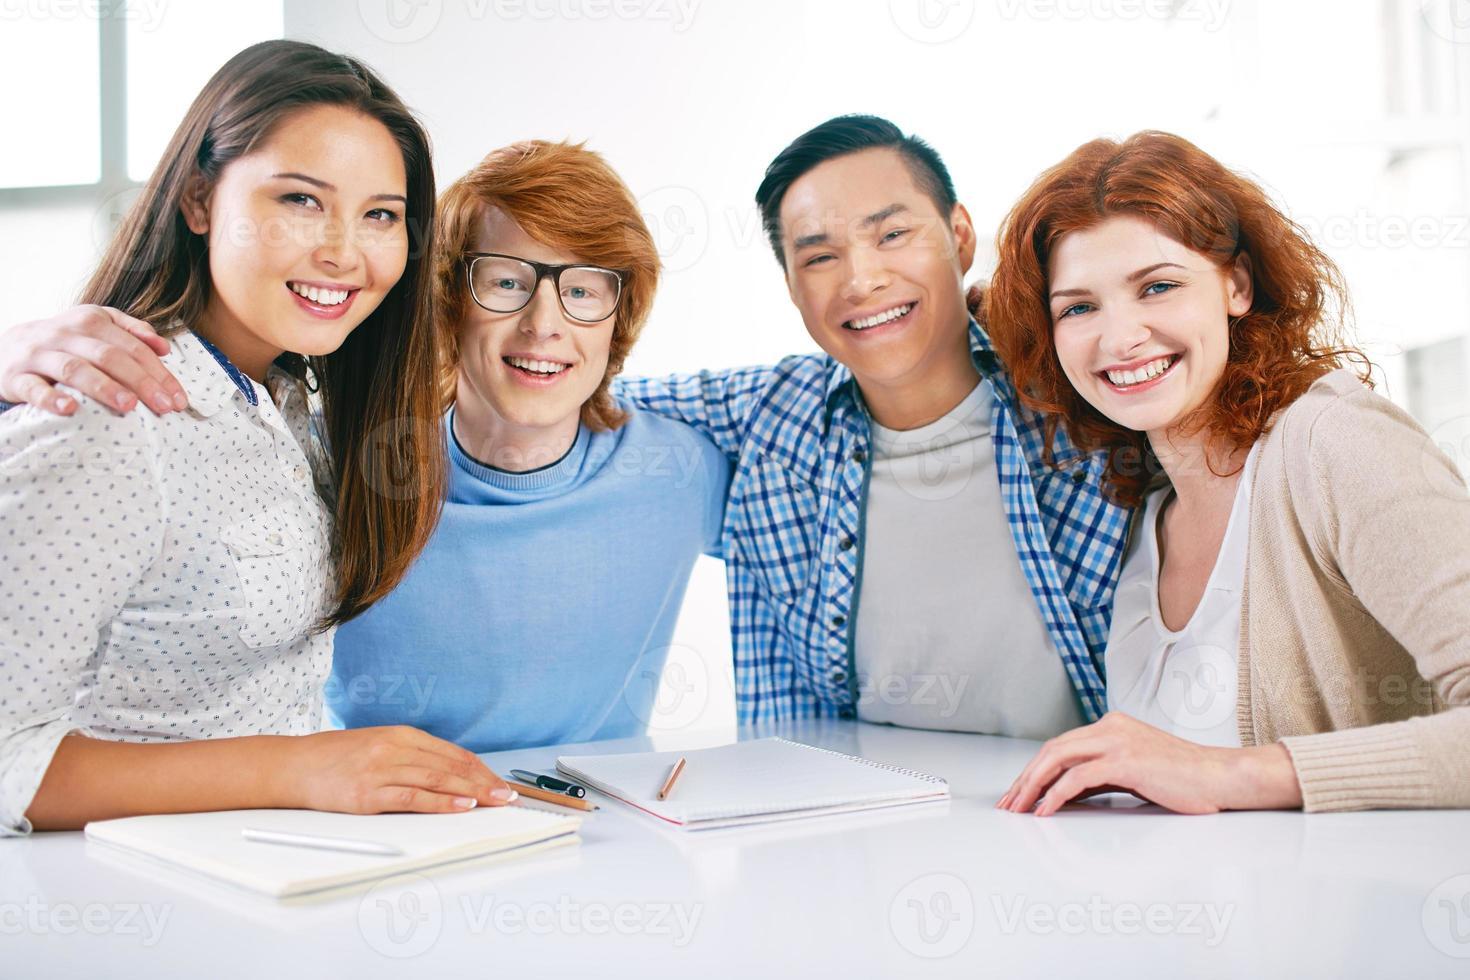 estudantes felizes foto